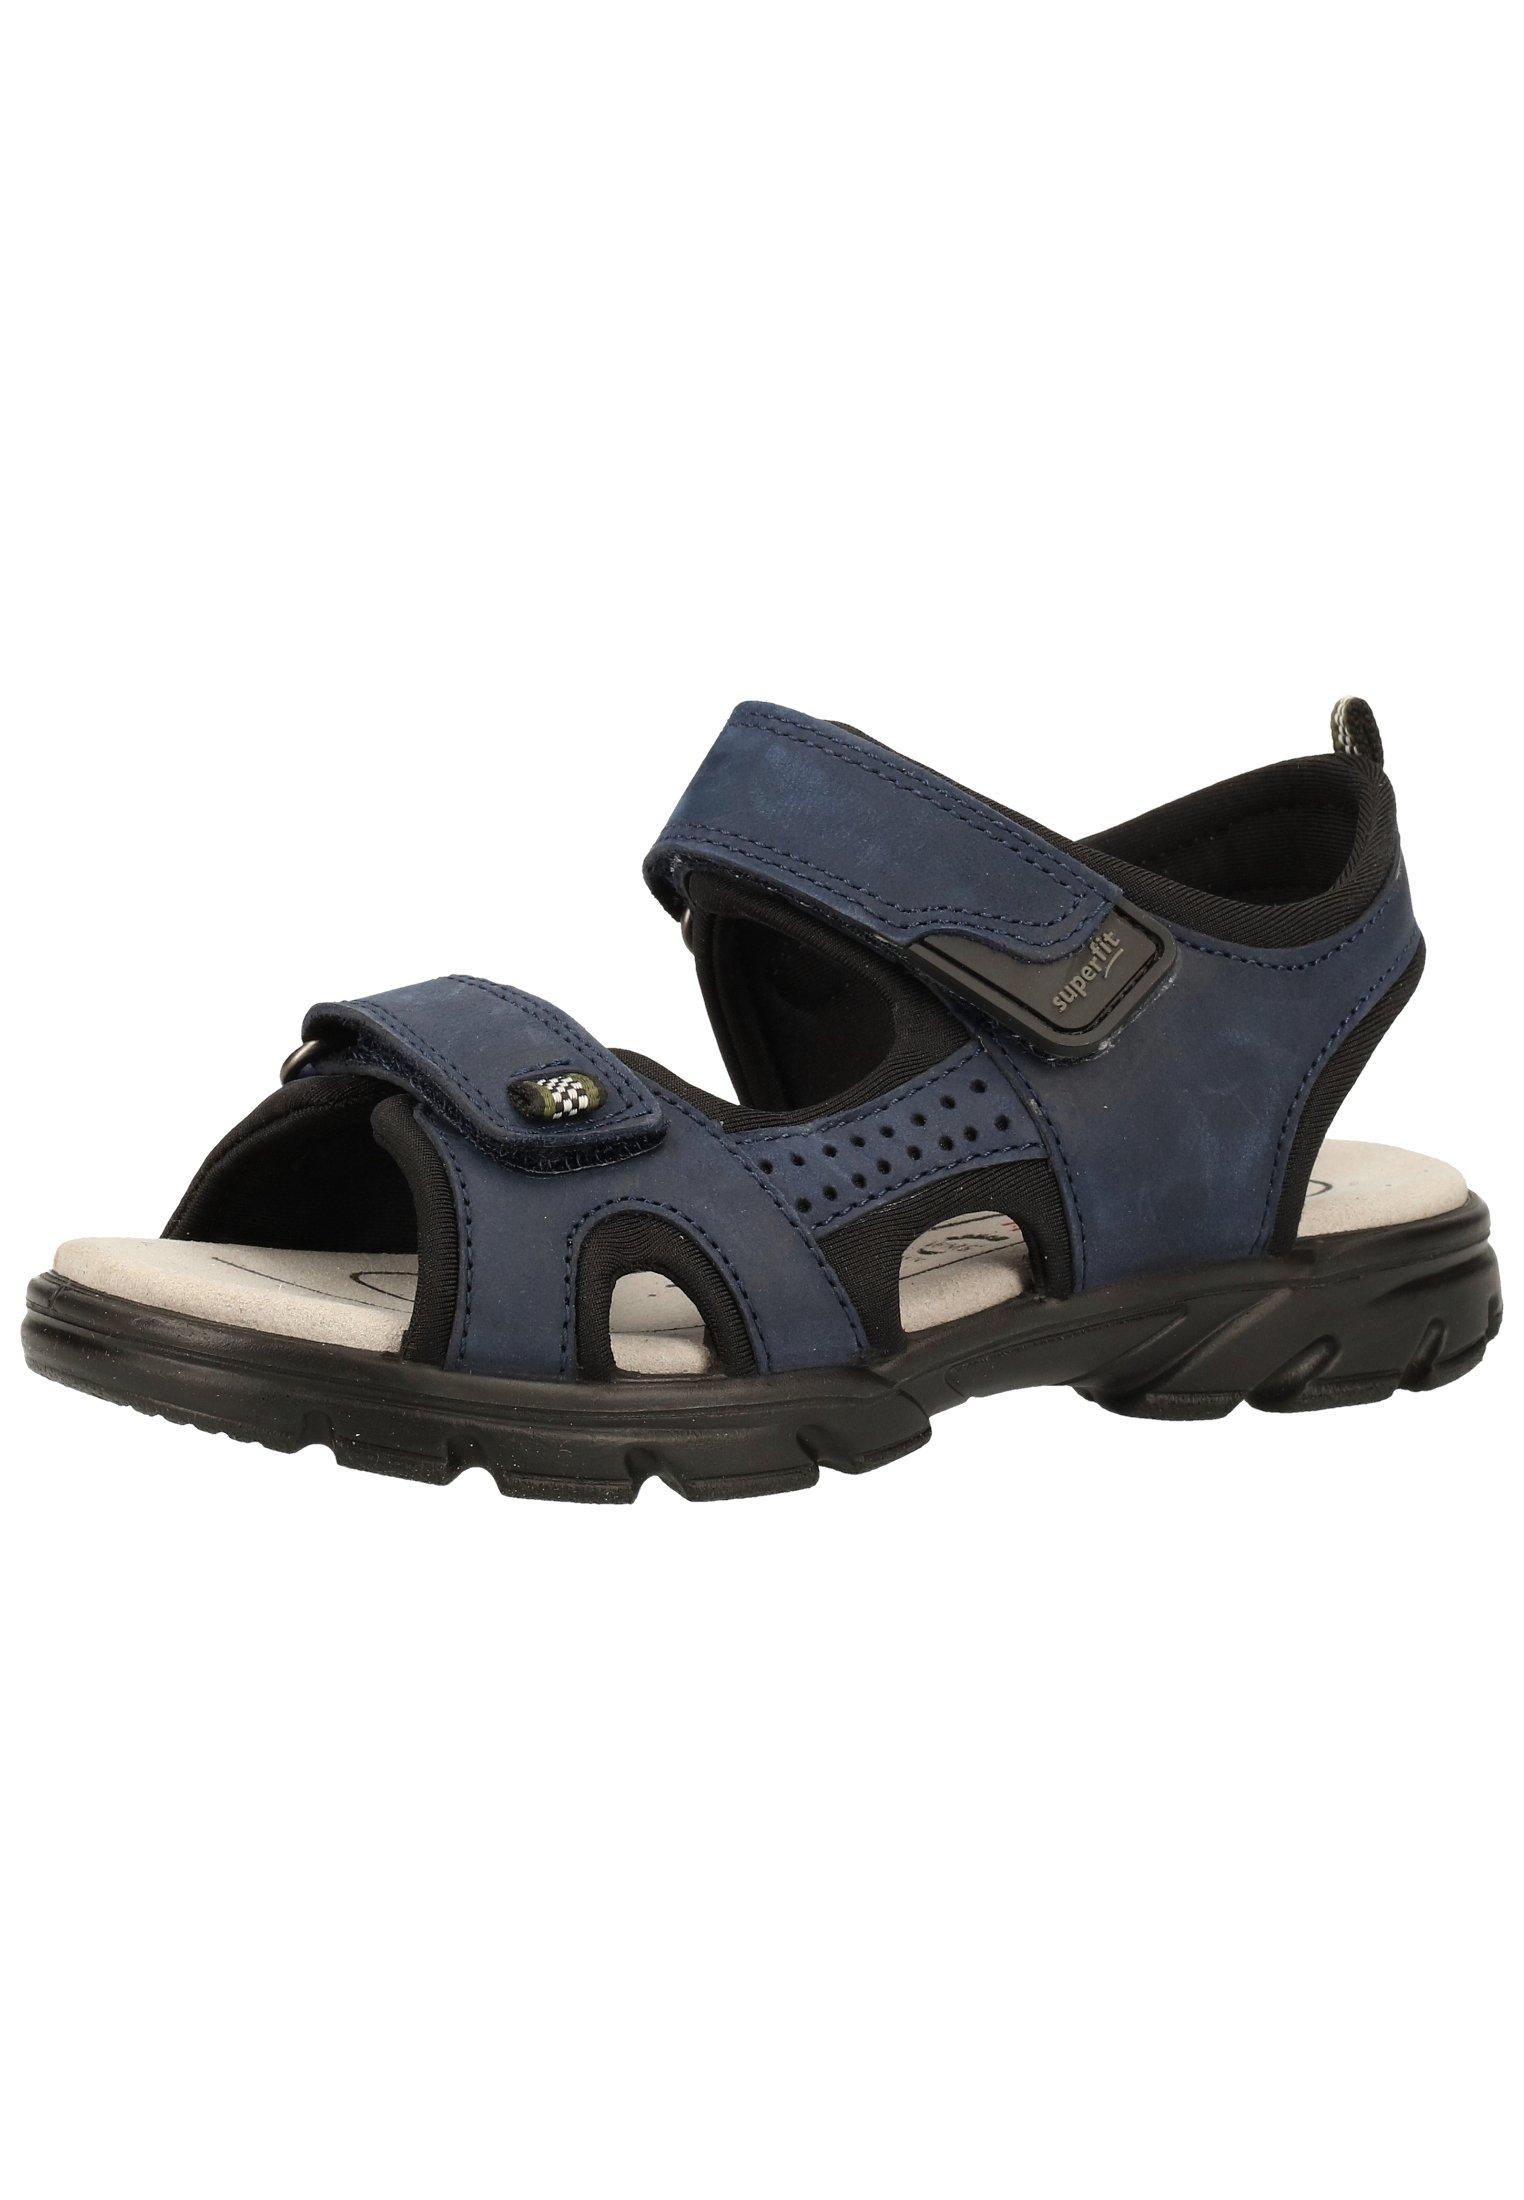 100% authentique Meilleurs prix Superfit Sandales de randonnée blue/black ZJYzp